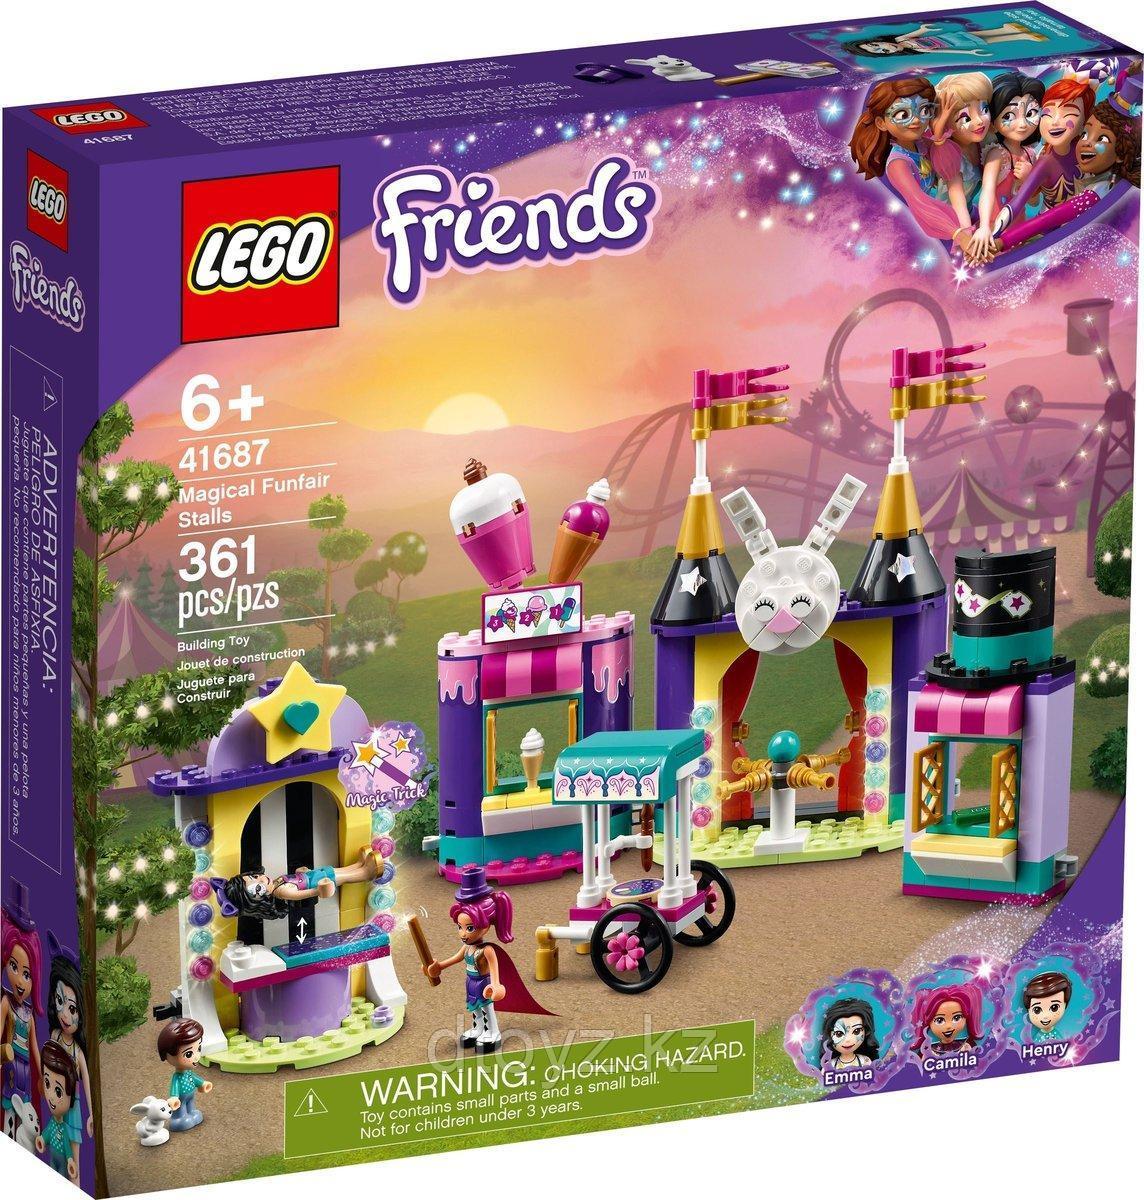 Lego Friends Киоск на Волшебной ярмарке 41687